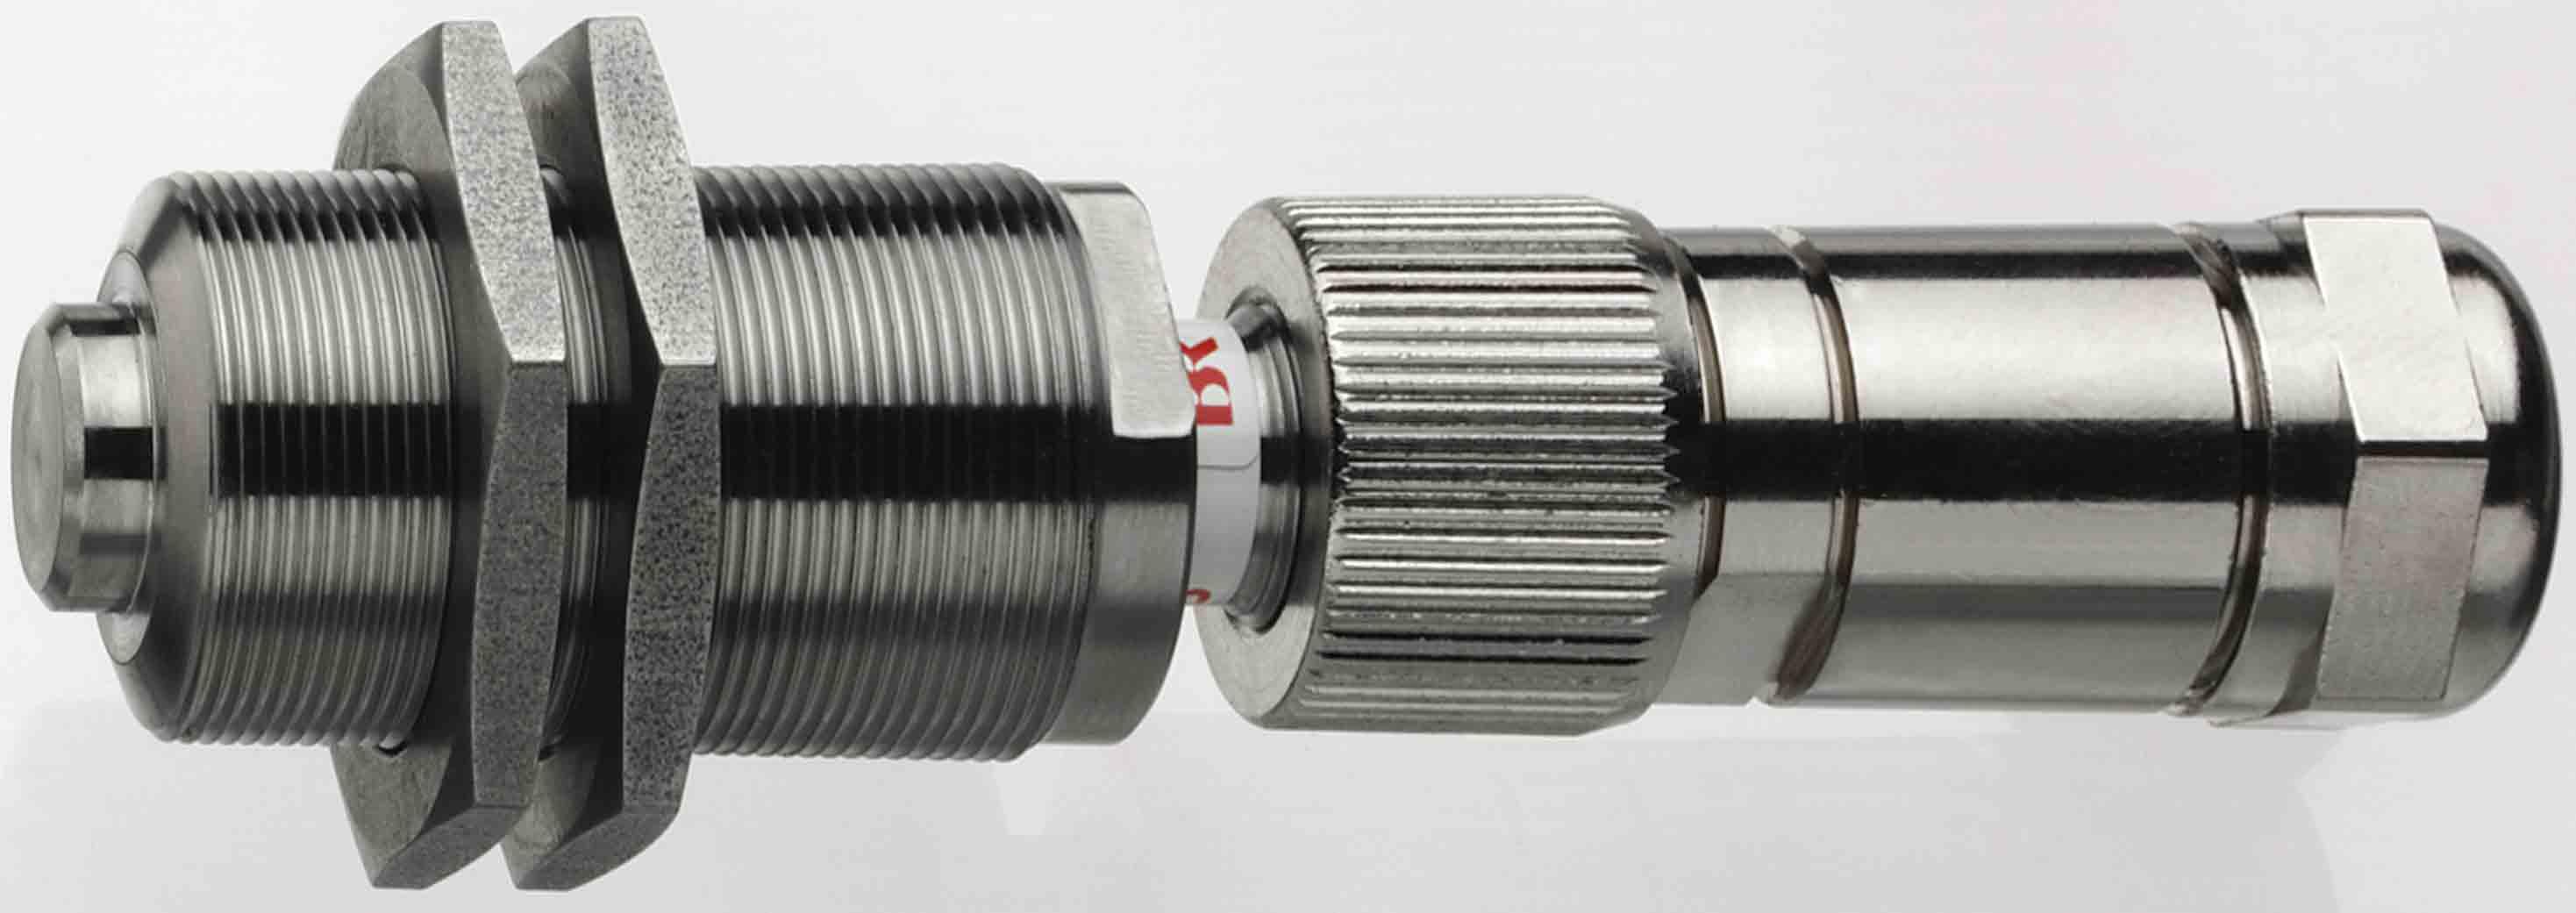 磁感应传感器A2S   只用于快速运动的钢制物体速度测量,不需要辅助能源,耐温125 °C,可用于辐射环境。 光电传感器   需在光亮部件或塑料部件表面粘贴反射标 签,长期工作要求清洁的工作环境。其玻璃纤维传光部件  适合于水下和高温环境及其他特殊应用场合。